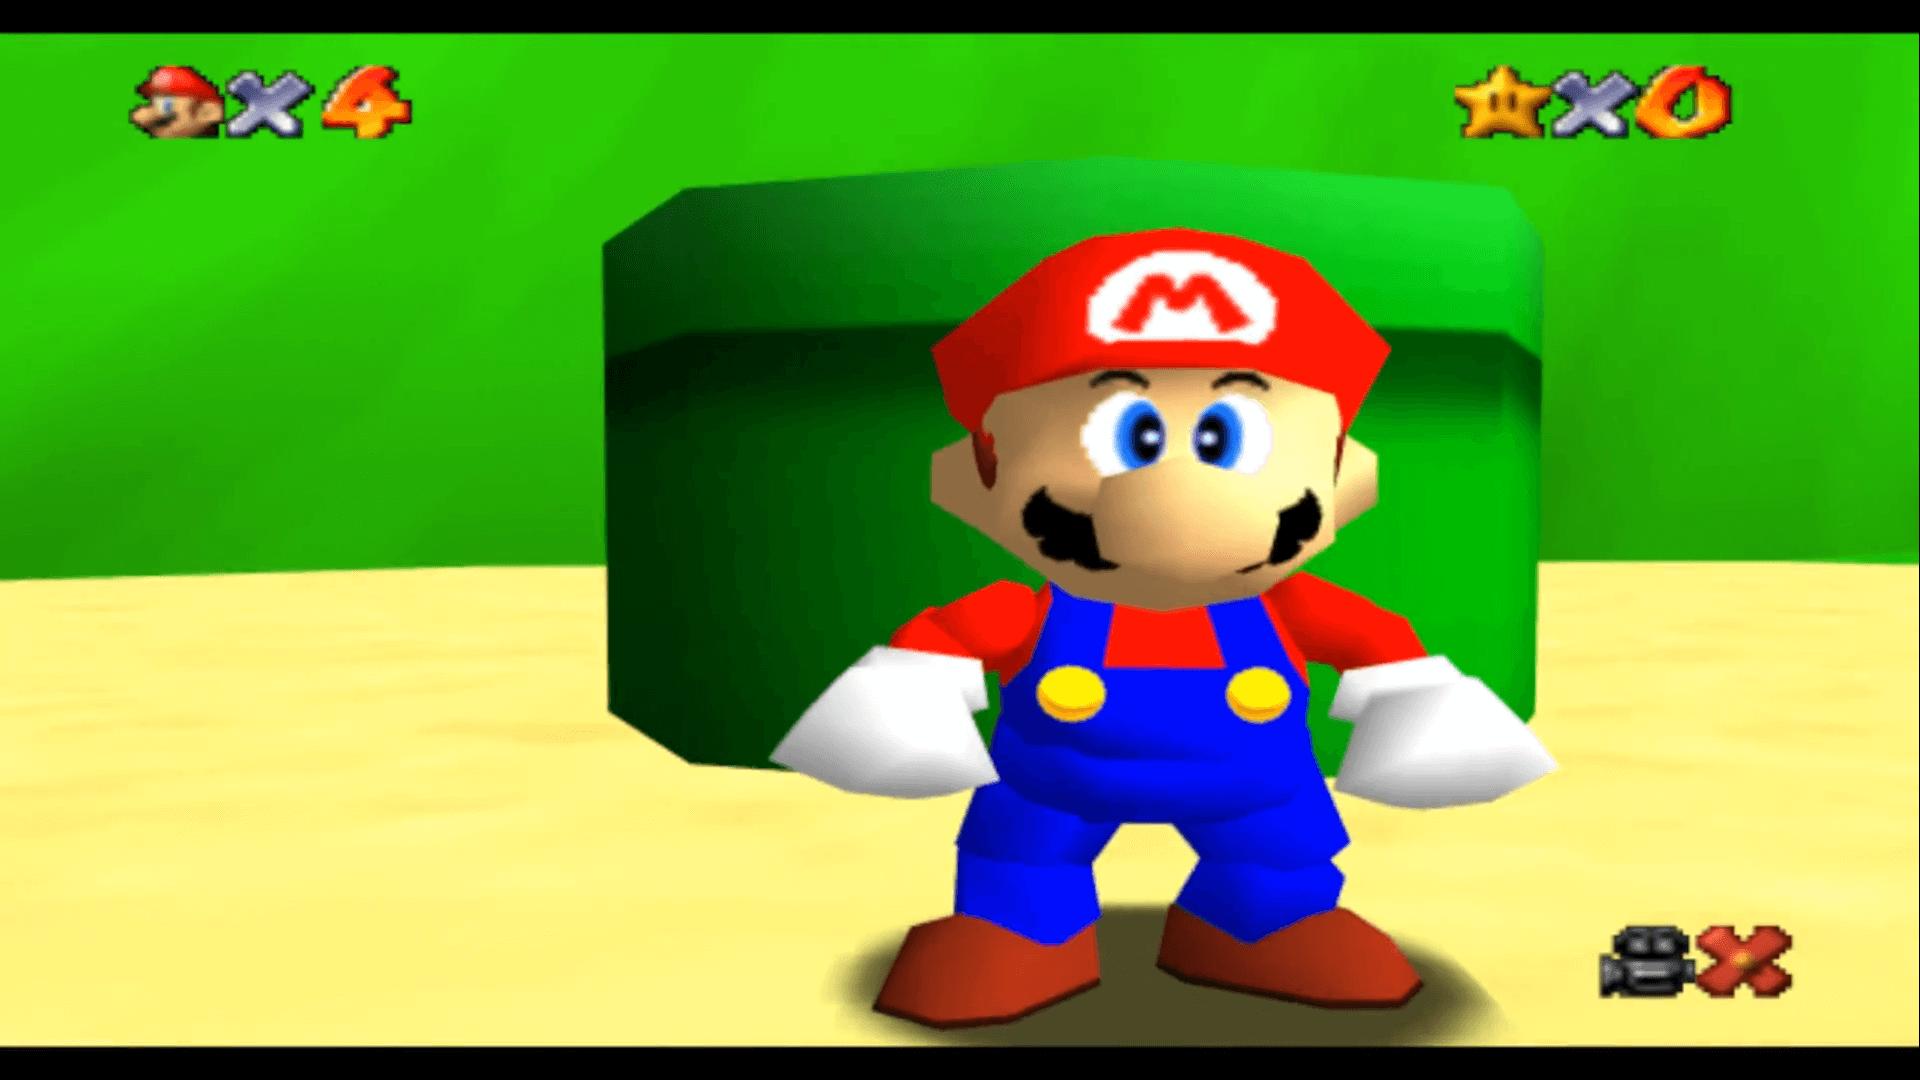 Luigi Found In Super Mario 64 After 24 Years